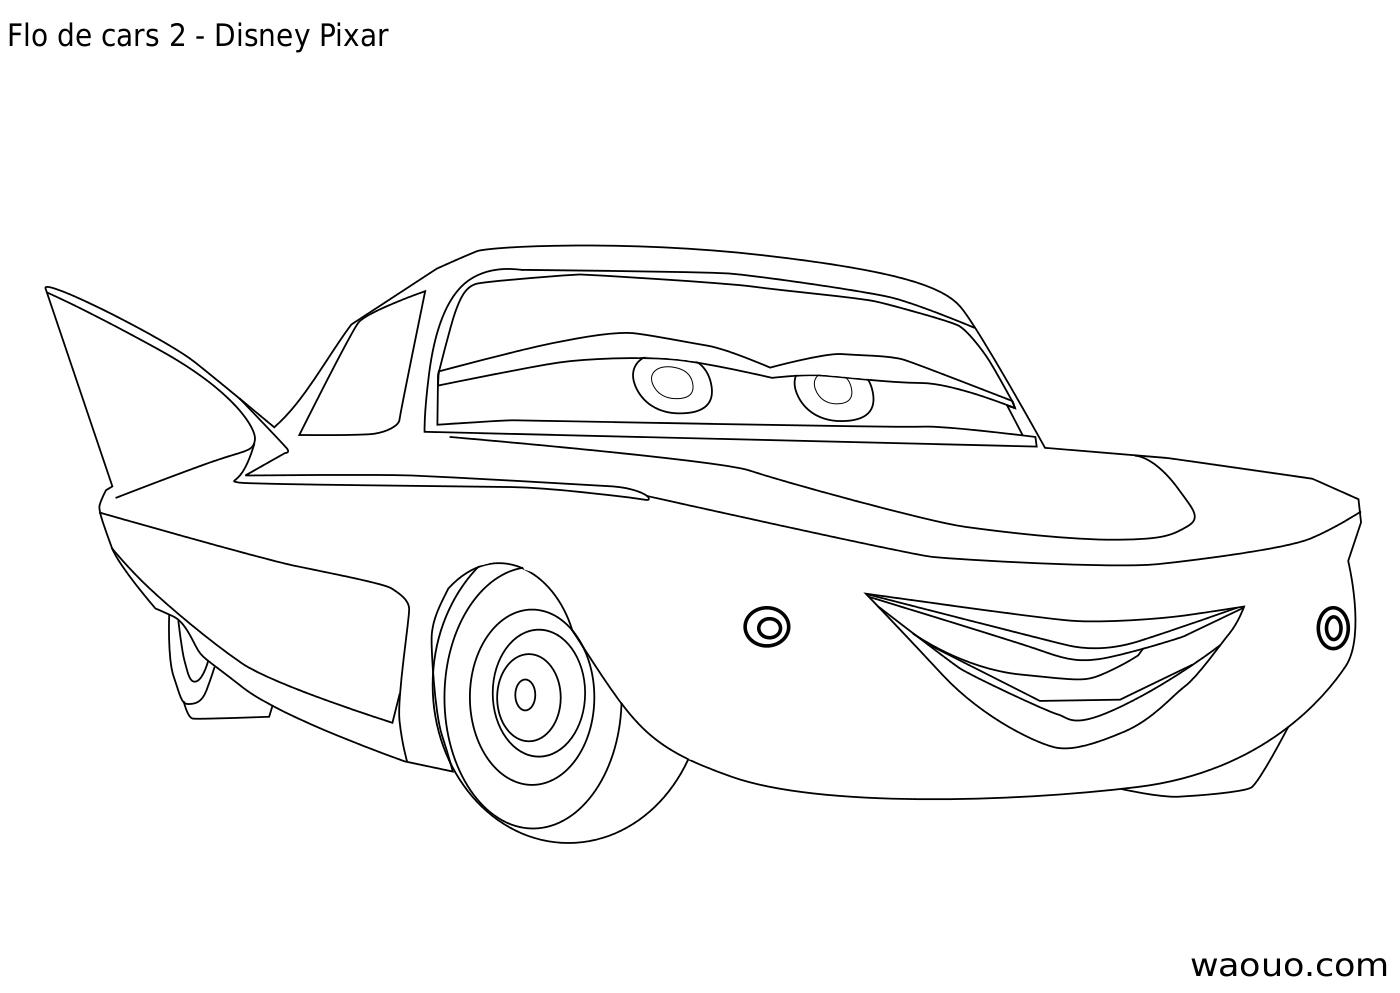 Coloriage flo cars 2 imprimer et colorier - Cars 2 coloriage ...